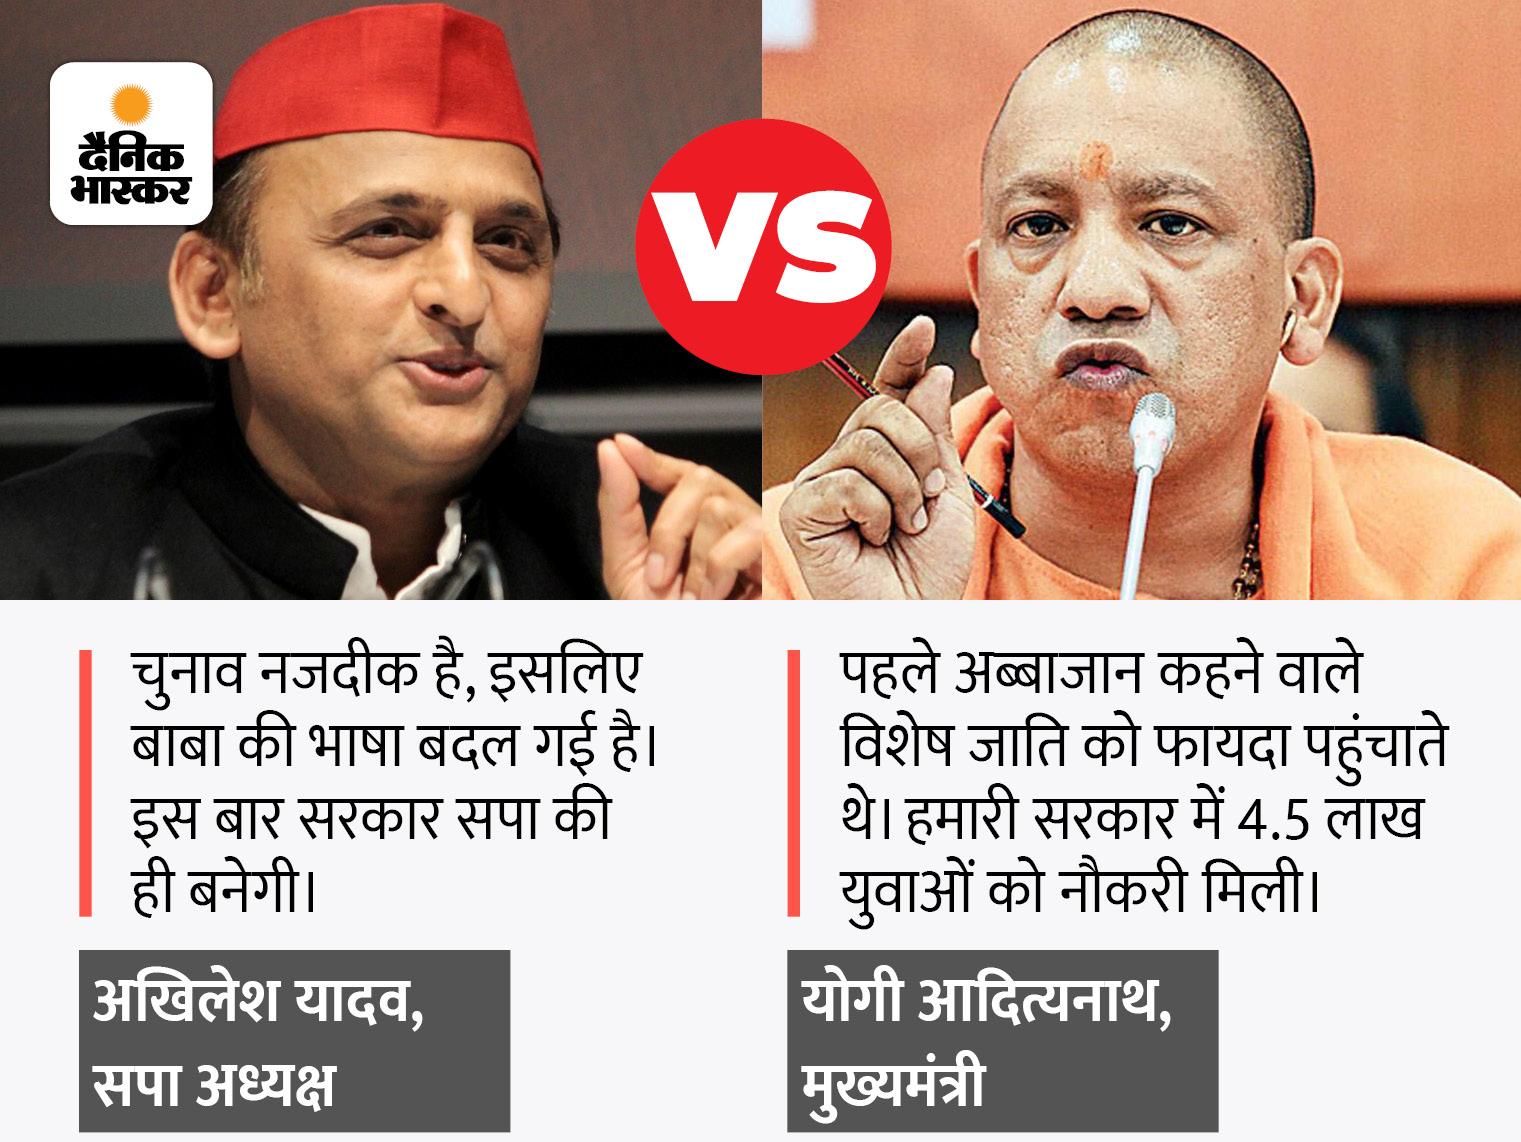 बोले- चुनाव नजदीक आ रहे हैं तो बाबा की भाषा बदल गई; मुख्तार के सवाल पर कहा- बहनजी का पूरा सम्मान, नहीं दूंगा जवाब|लखनऊ,Lucknow - Dainik Bhaskar